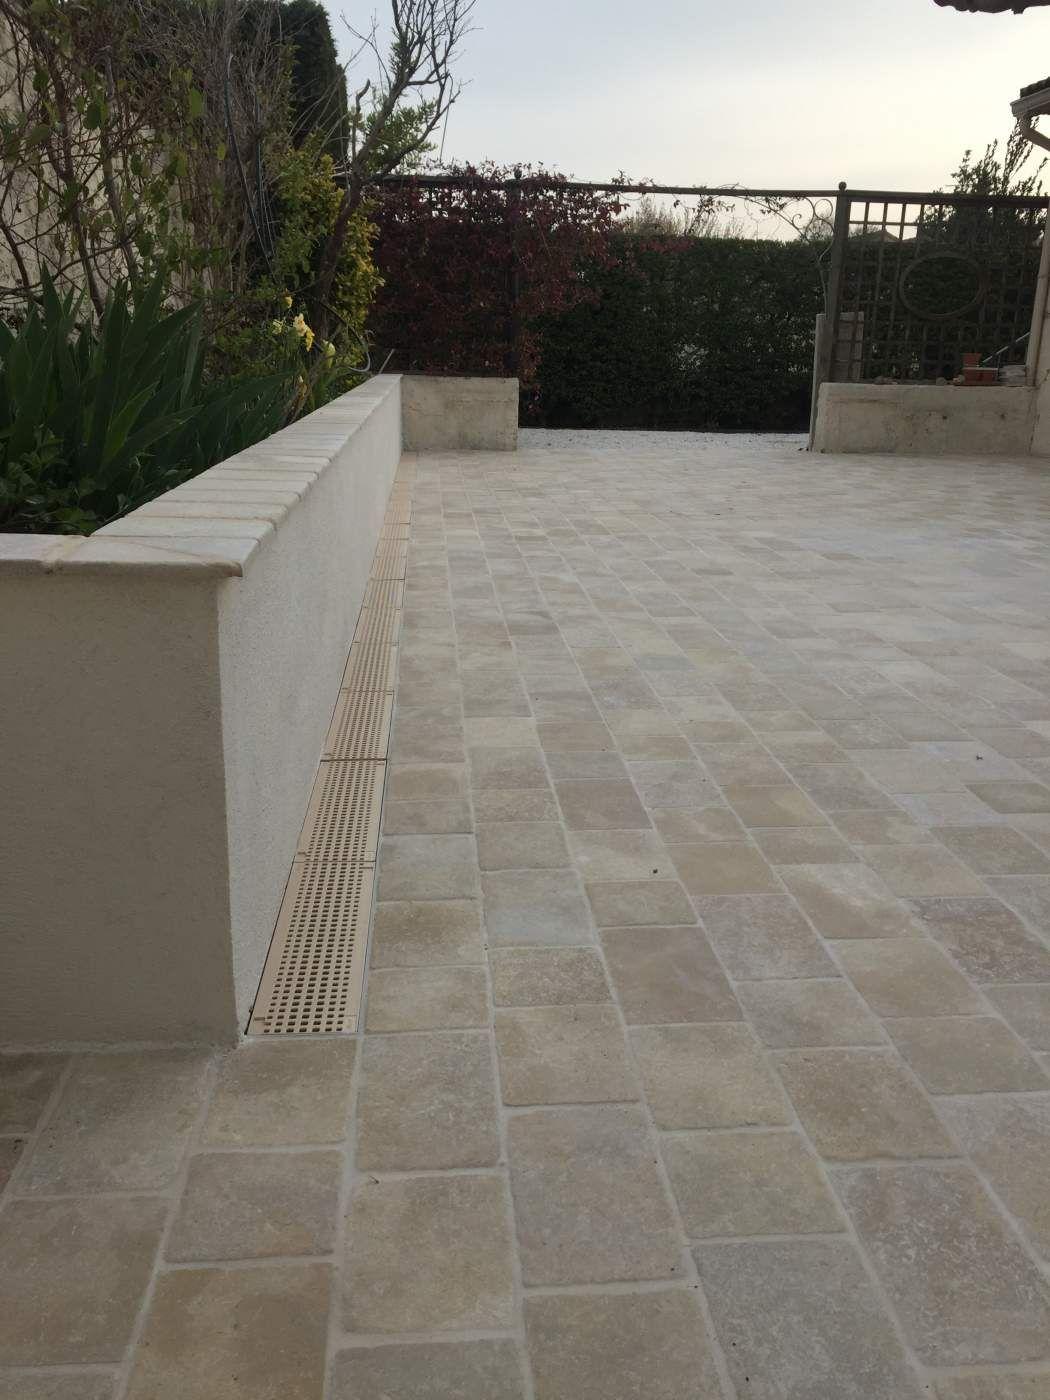 Paves De Montfort Beige Aix En Provence Terrasse Pave Dallage Exterieur Entree De Maison Exterieur